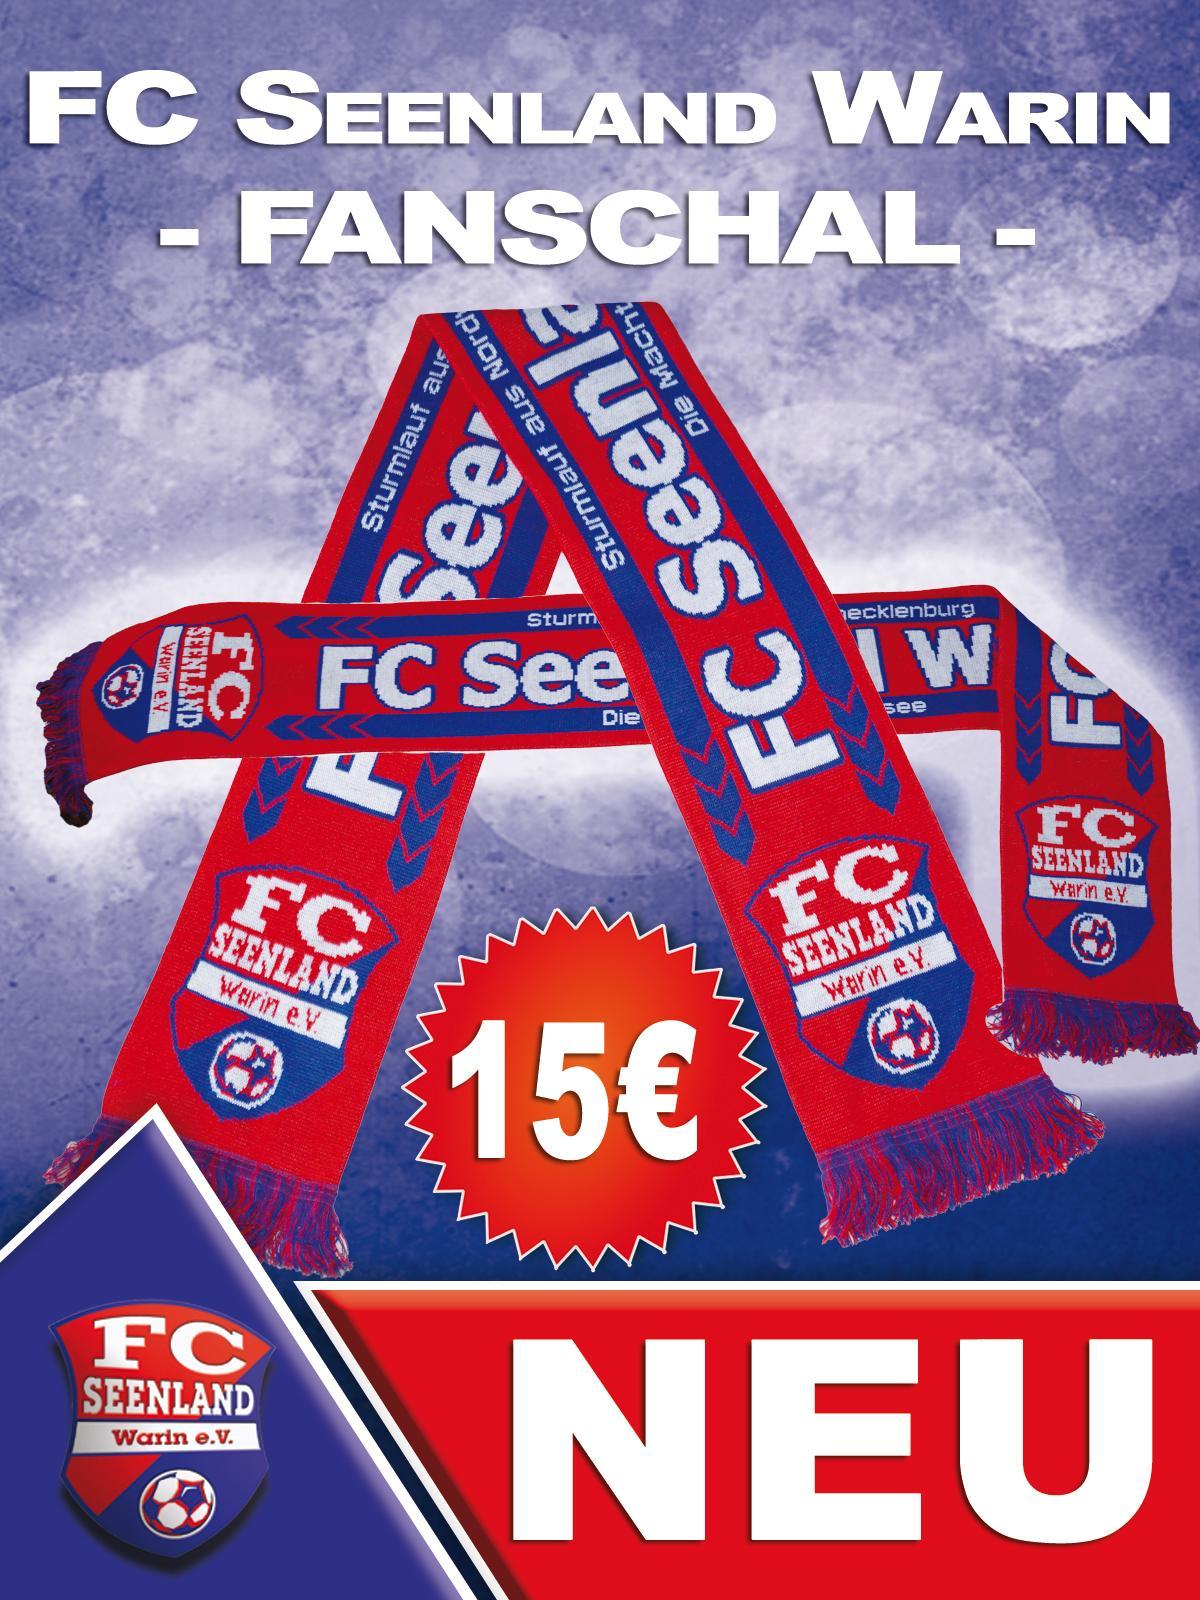 Fanschal